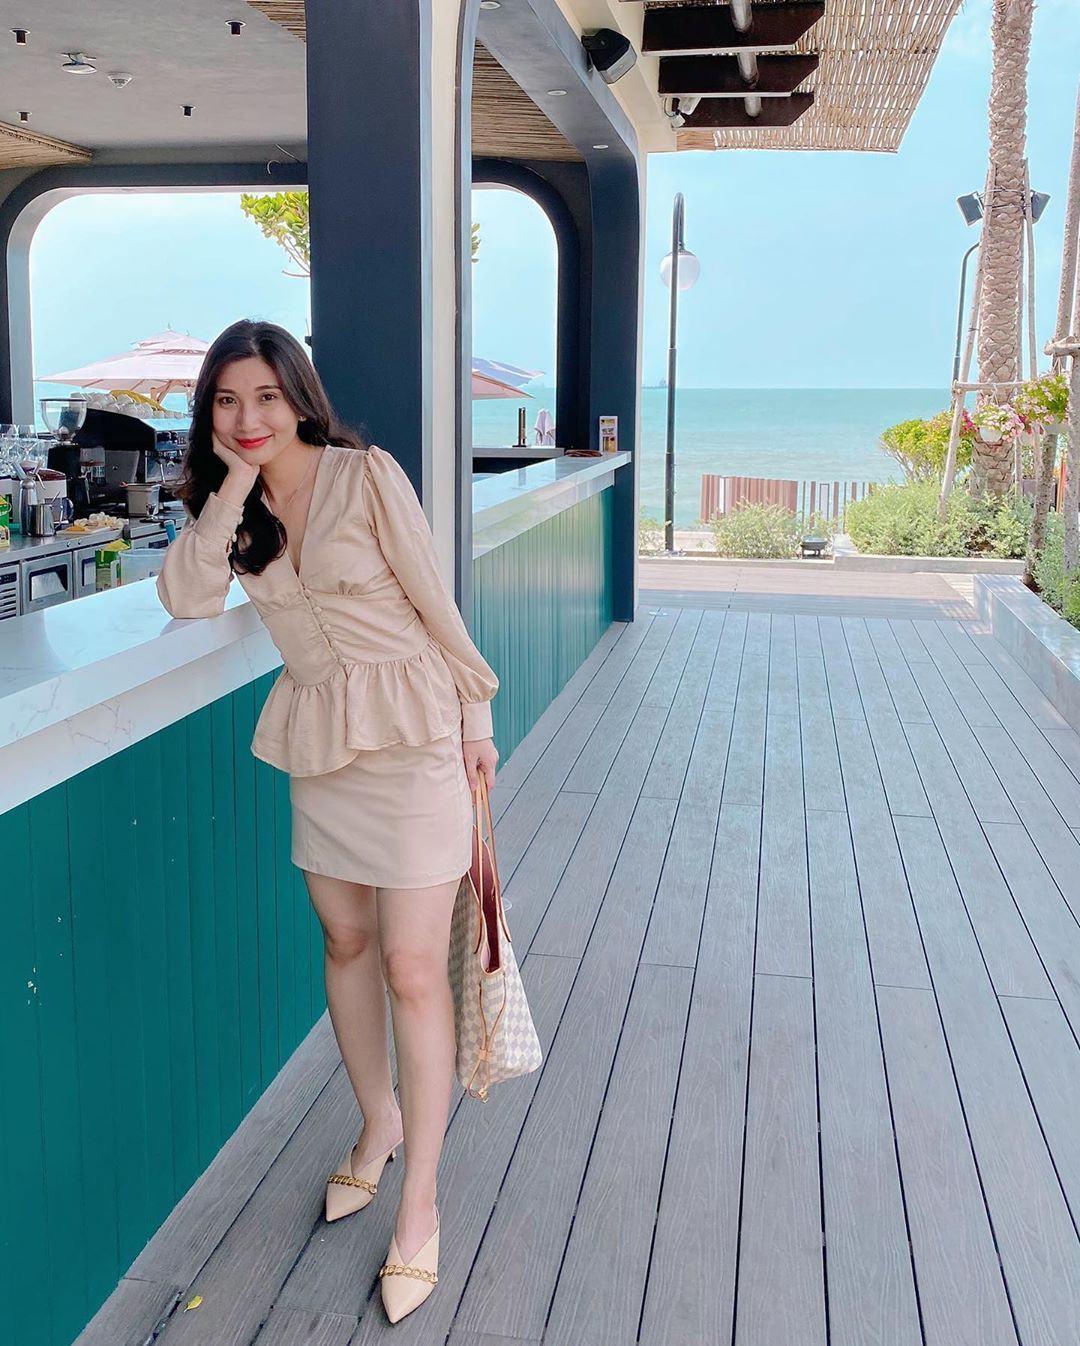 Bỏ túi ngay top 3 quán cafe có view biển mới toanh tại Vũng Tàu